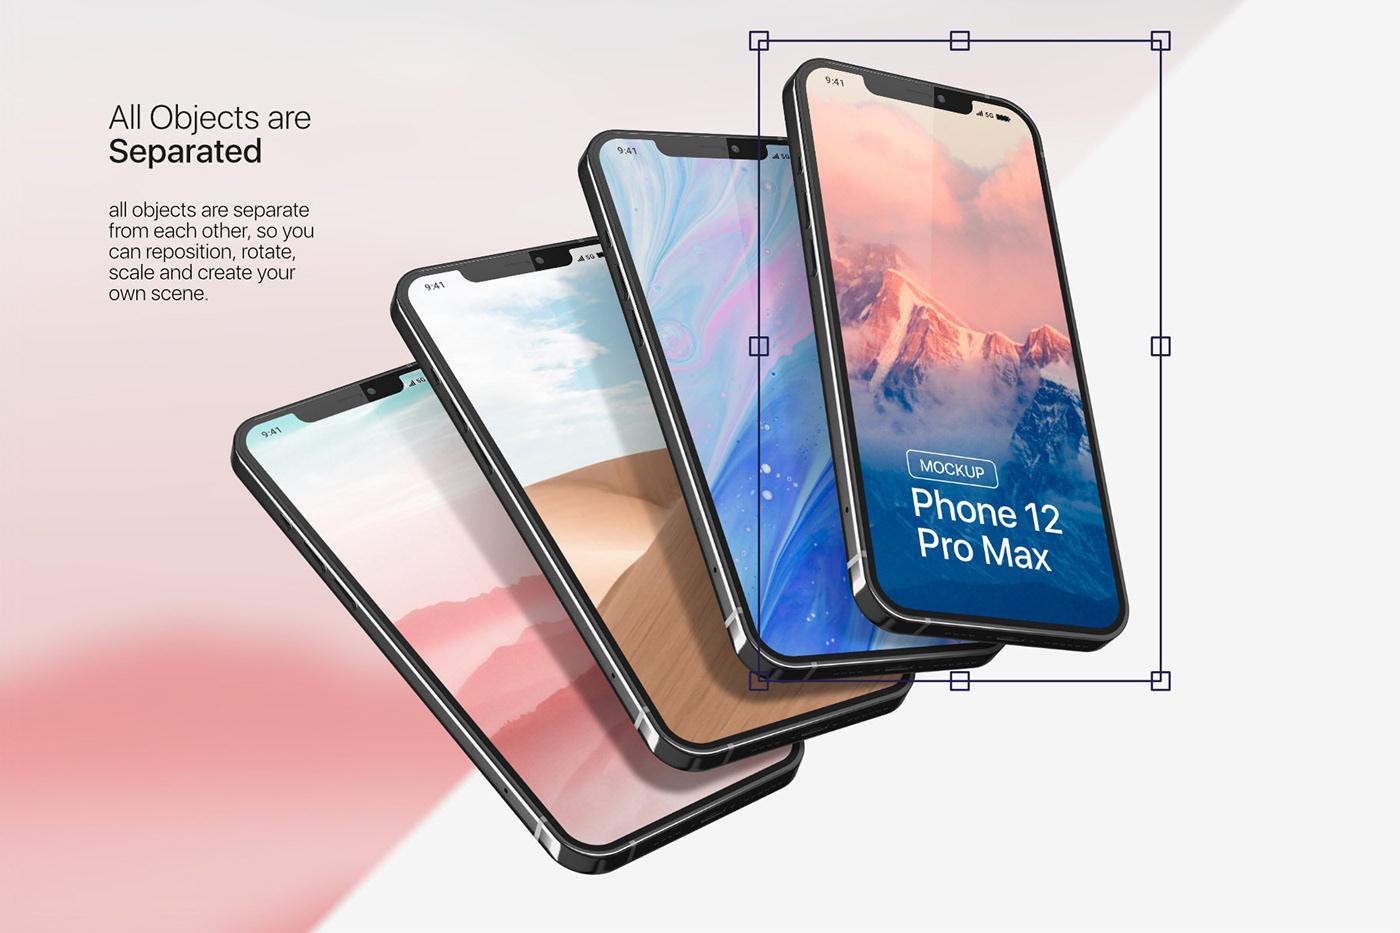 20款时尚苹果iPhone 12 Pro手机APP应用设计屏幕演示样机模板 iPhone 12 Pro Max Mockup插图1